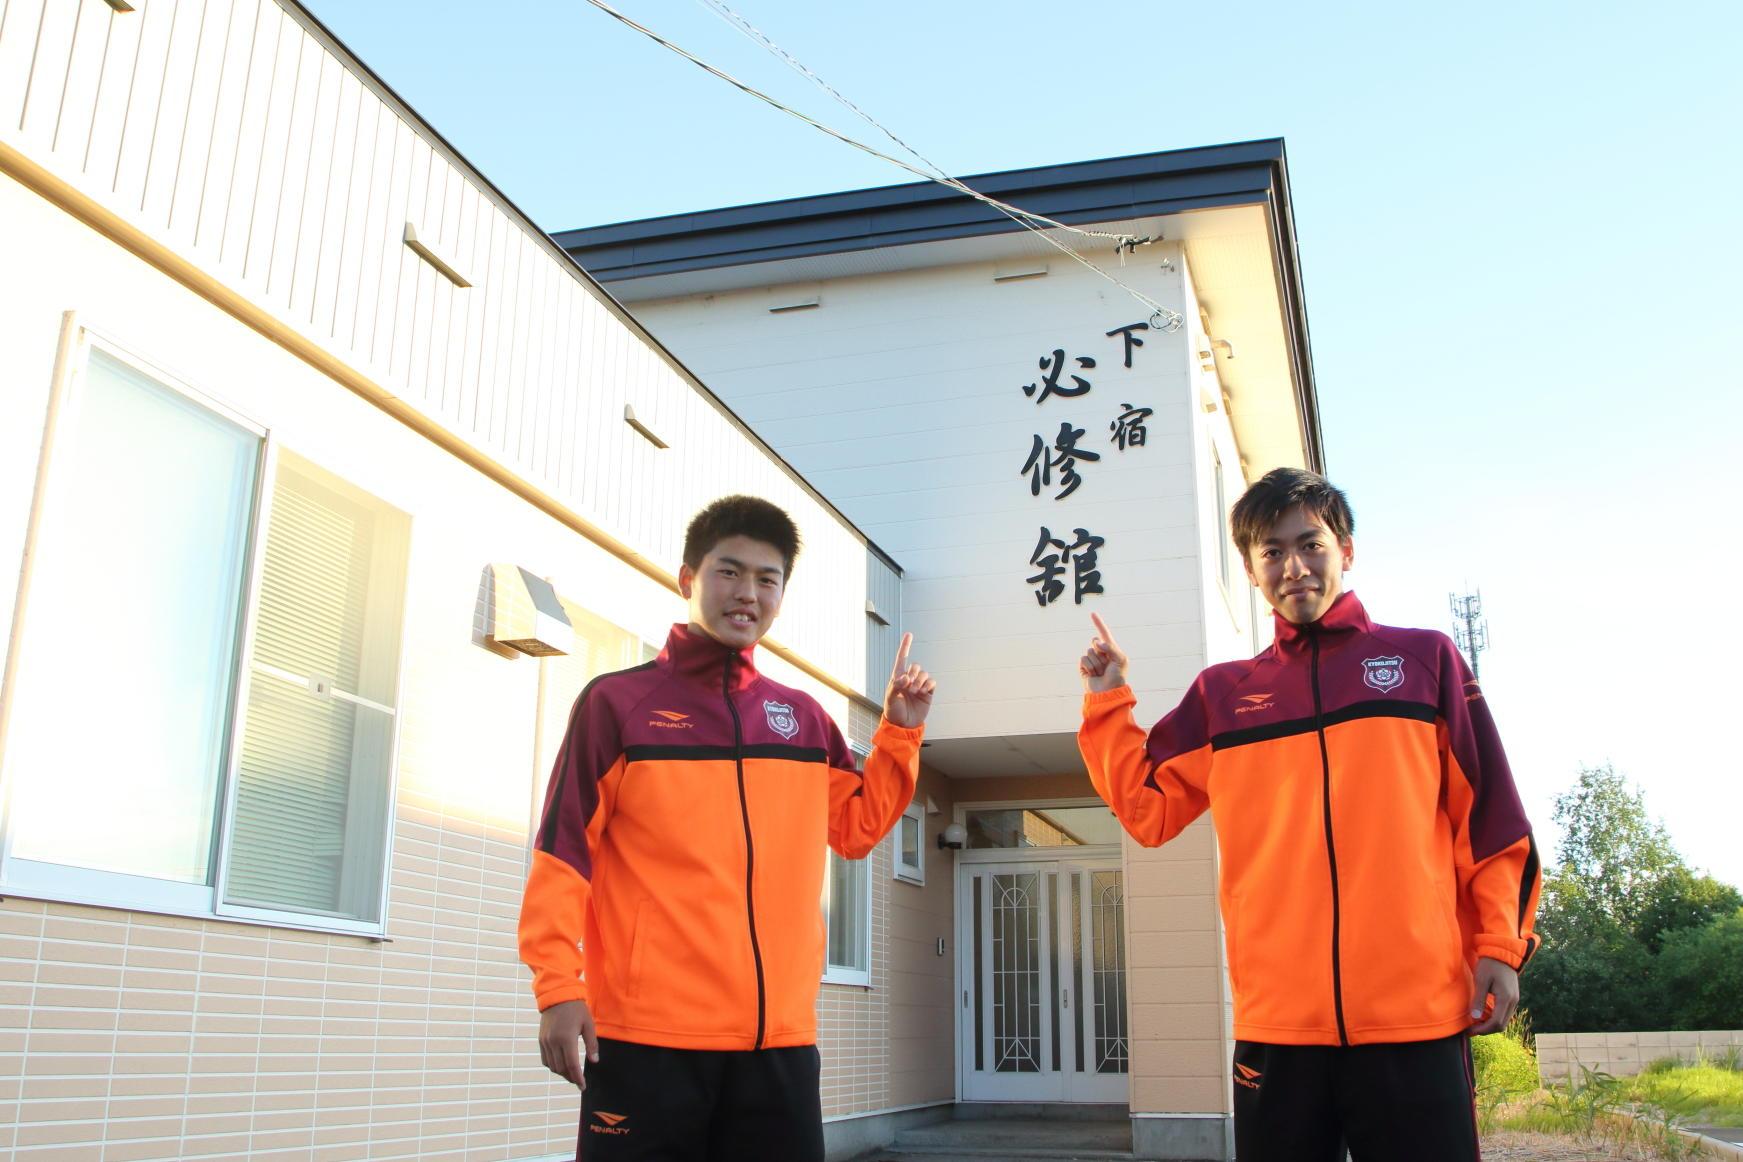 【旭川実業高校サッカー部の寮生活】自炊デーの日曜日には餃子を餡から作ることも!